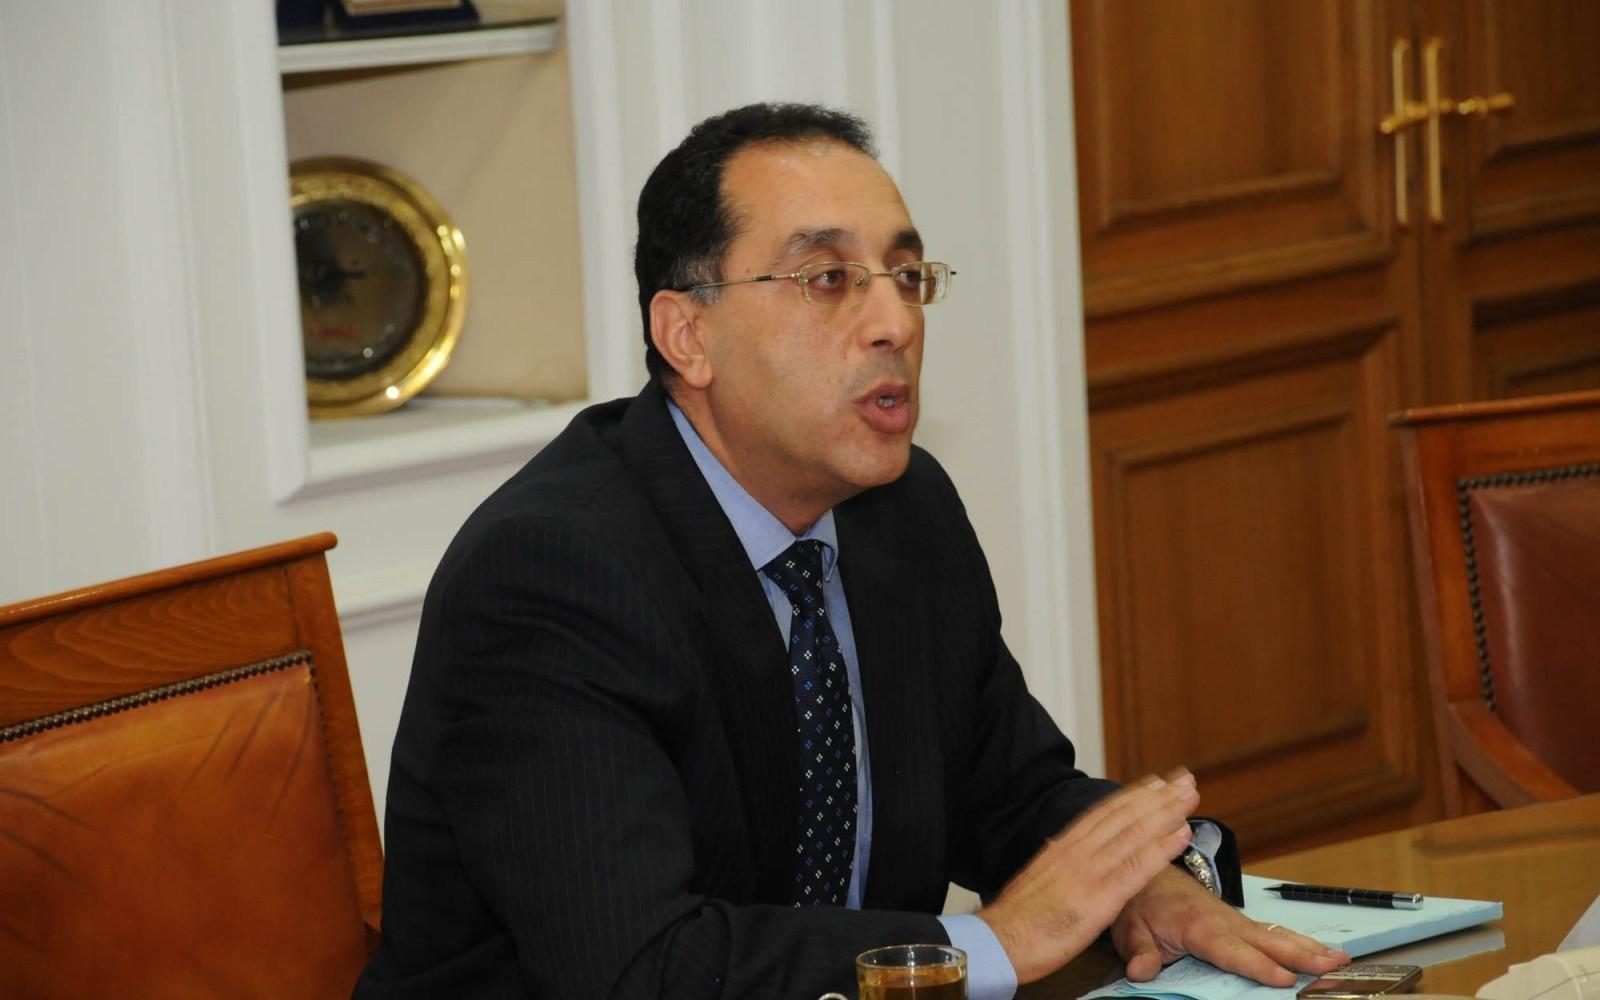 مصطفى مدبولي- رئيس مجلس الوزراء المصري